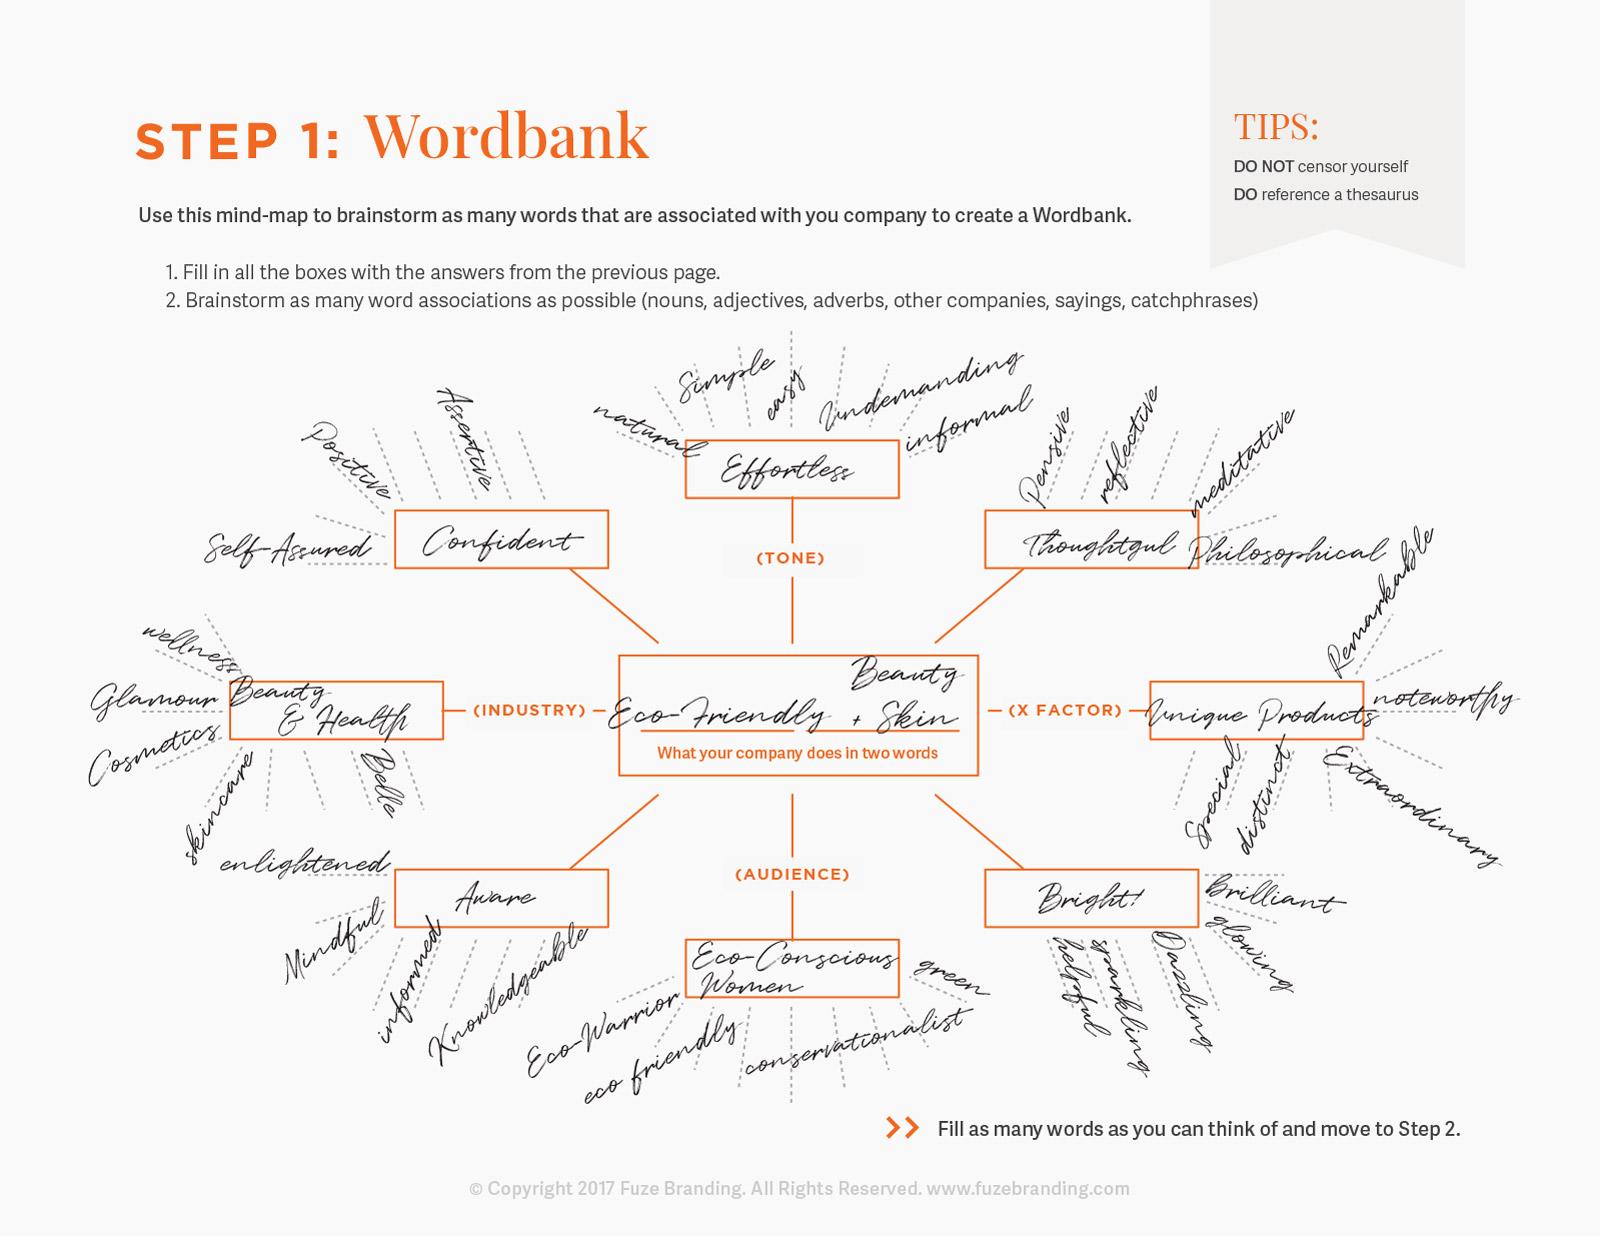 Fuze Branding Brainstorm Worksheet Tips For Naming